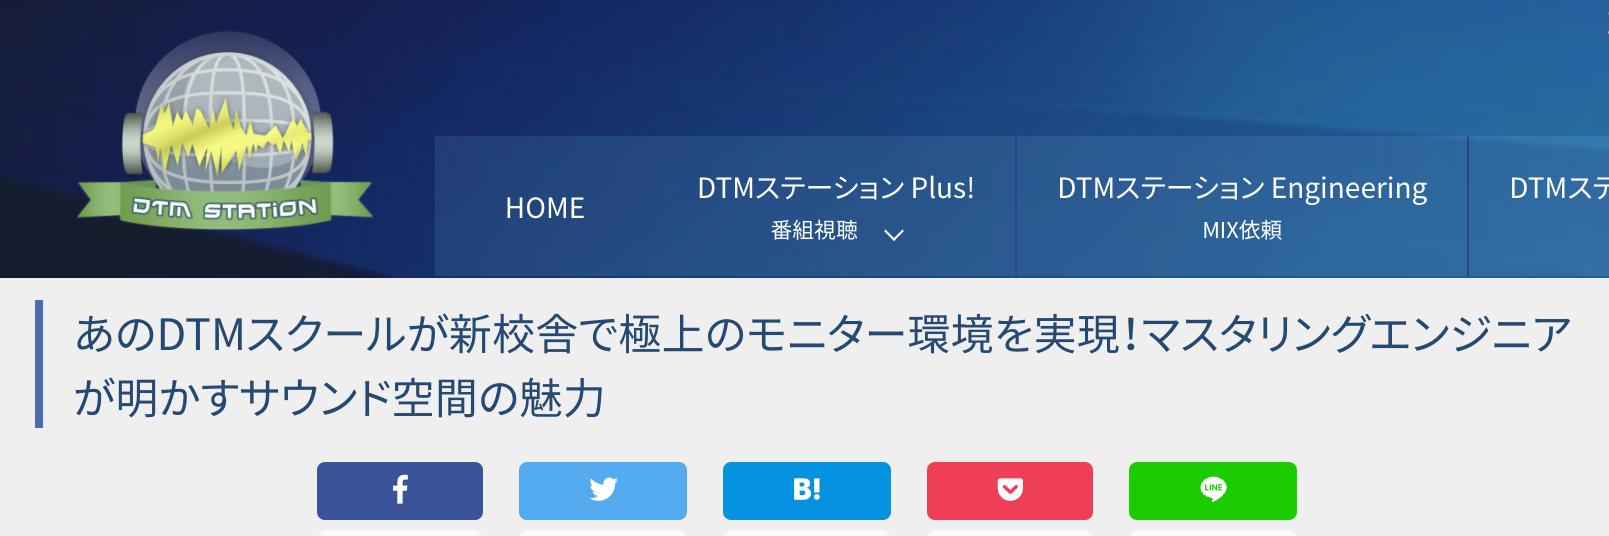 DTMステーション